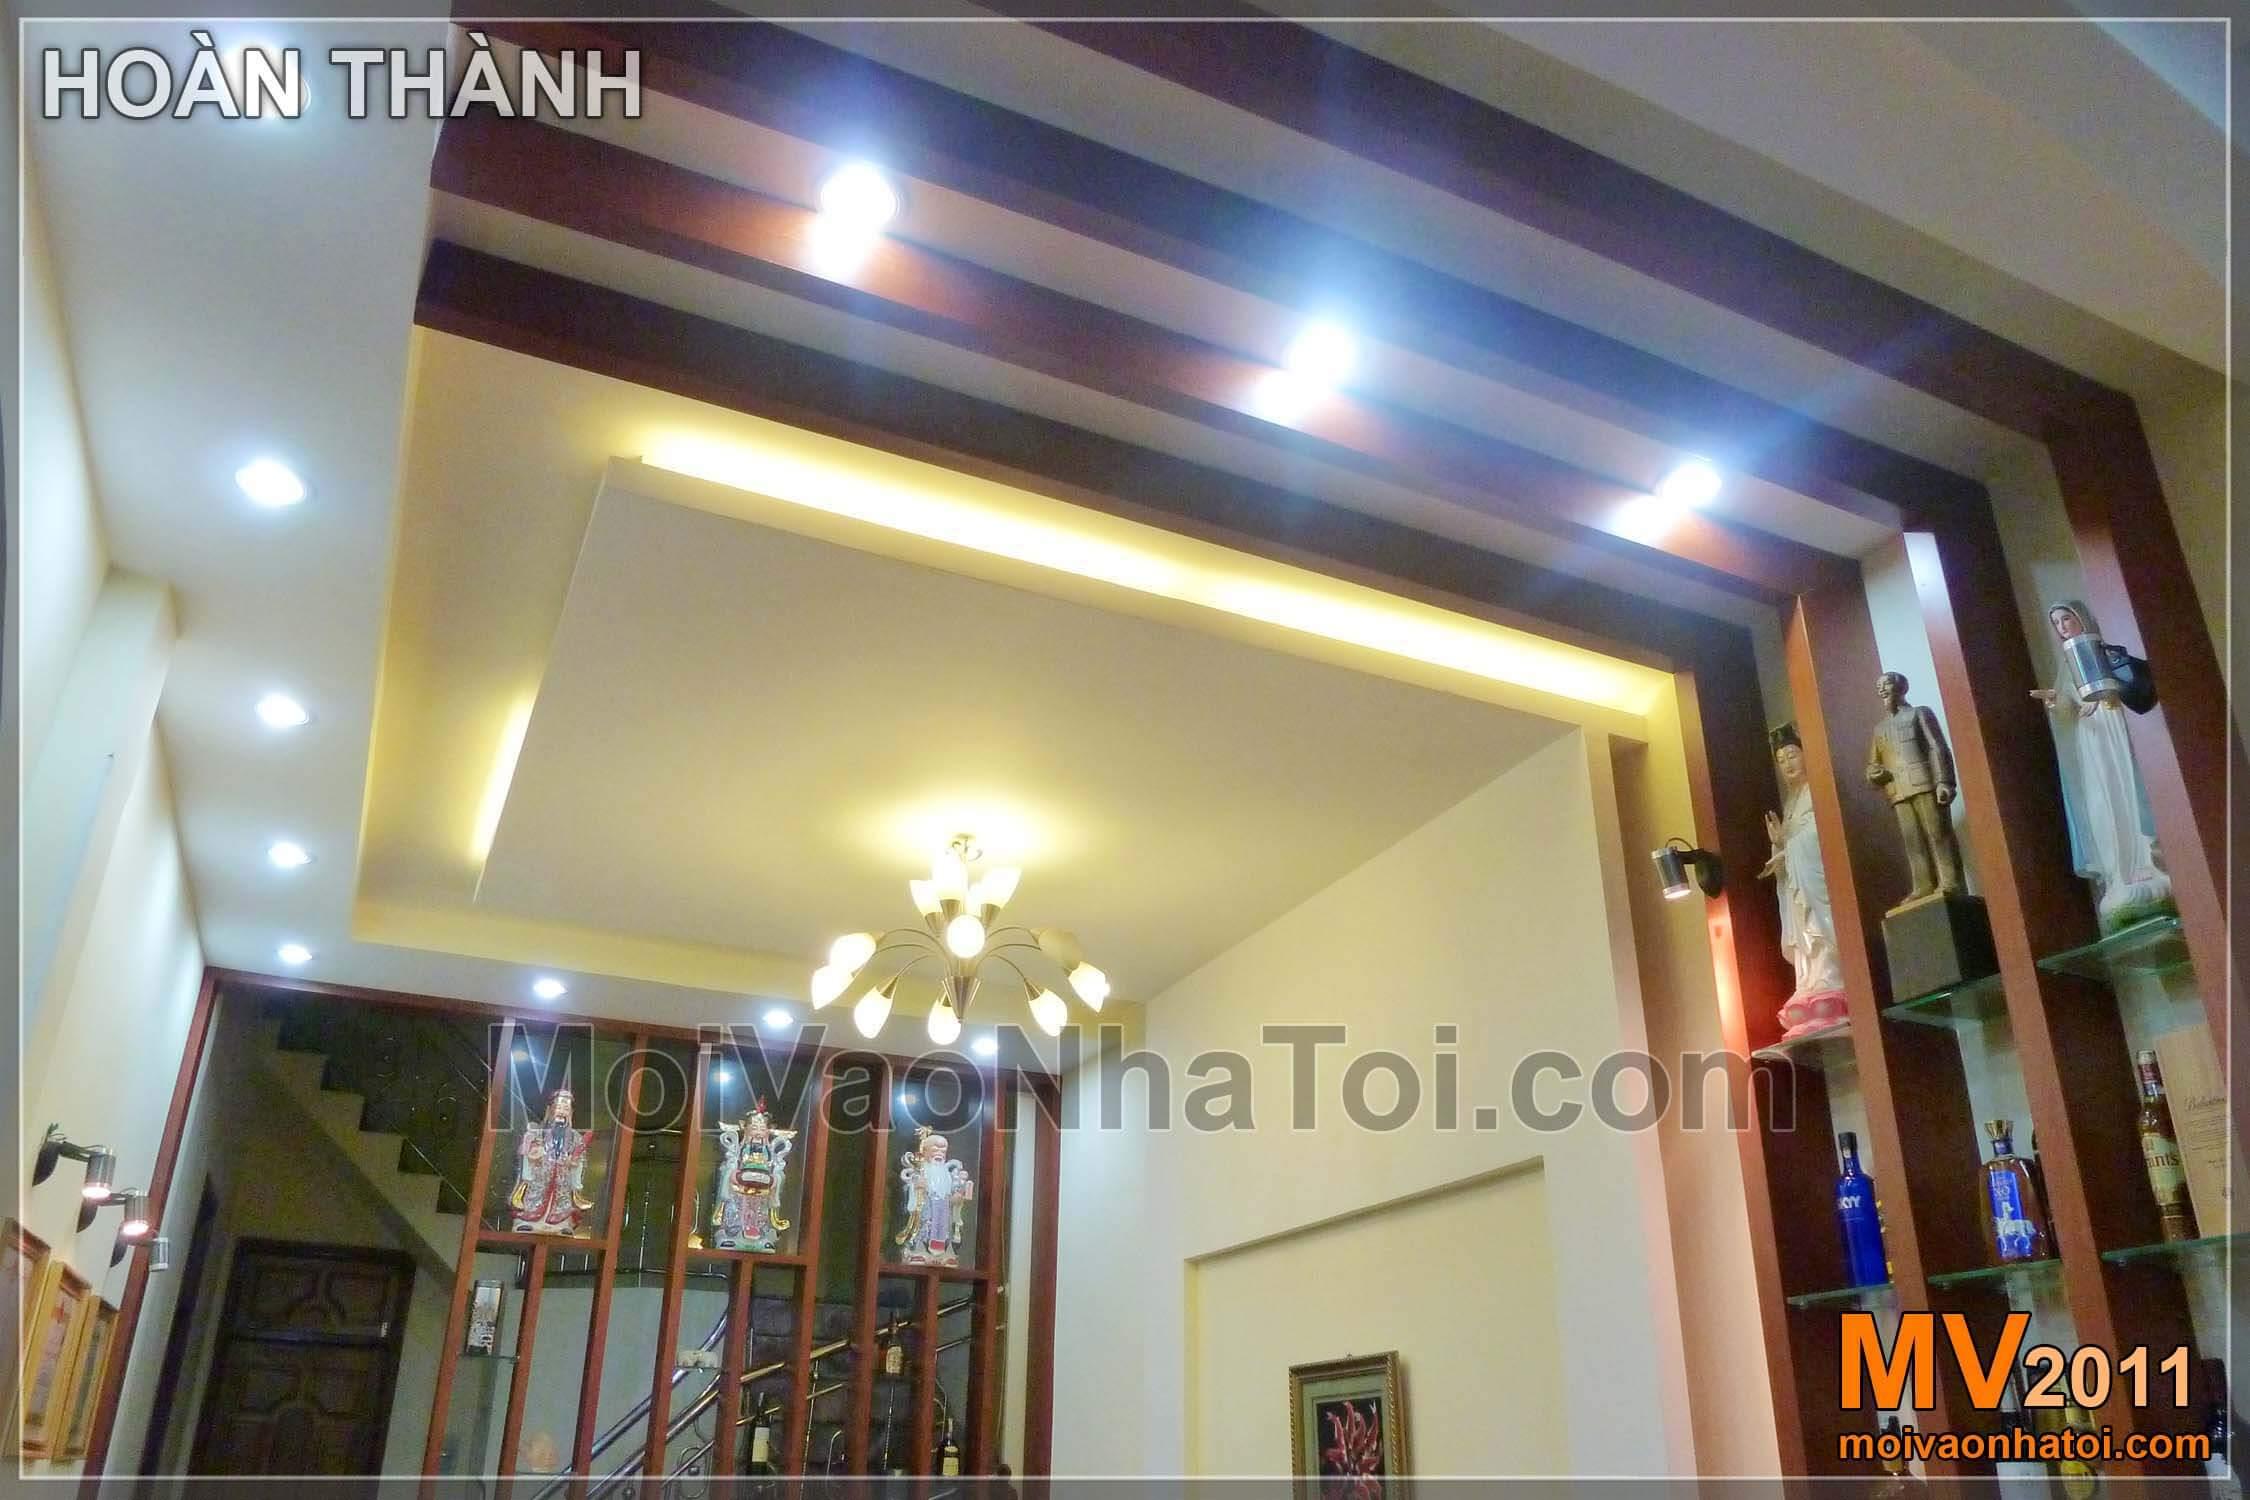 Trần thạch cao trang trí phòng khách với các nan gỗ